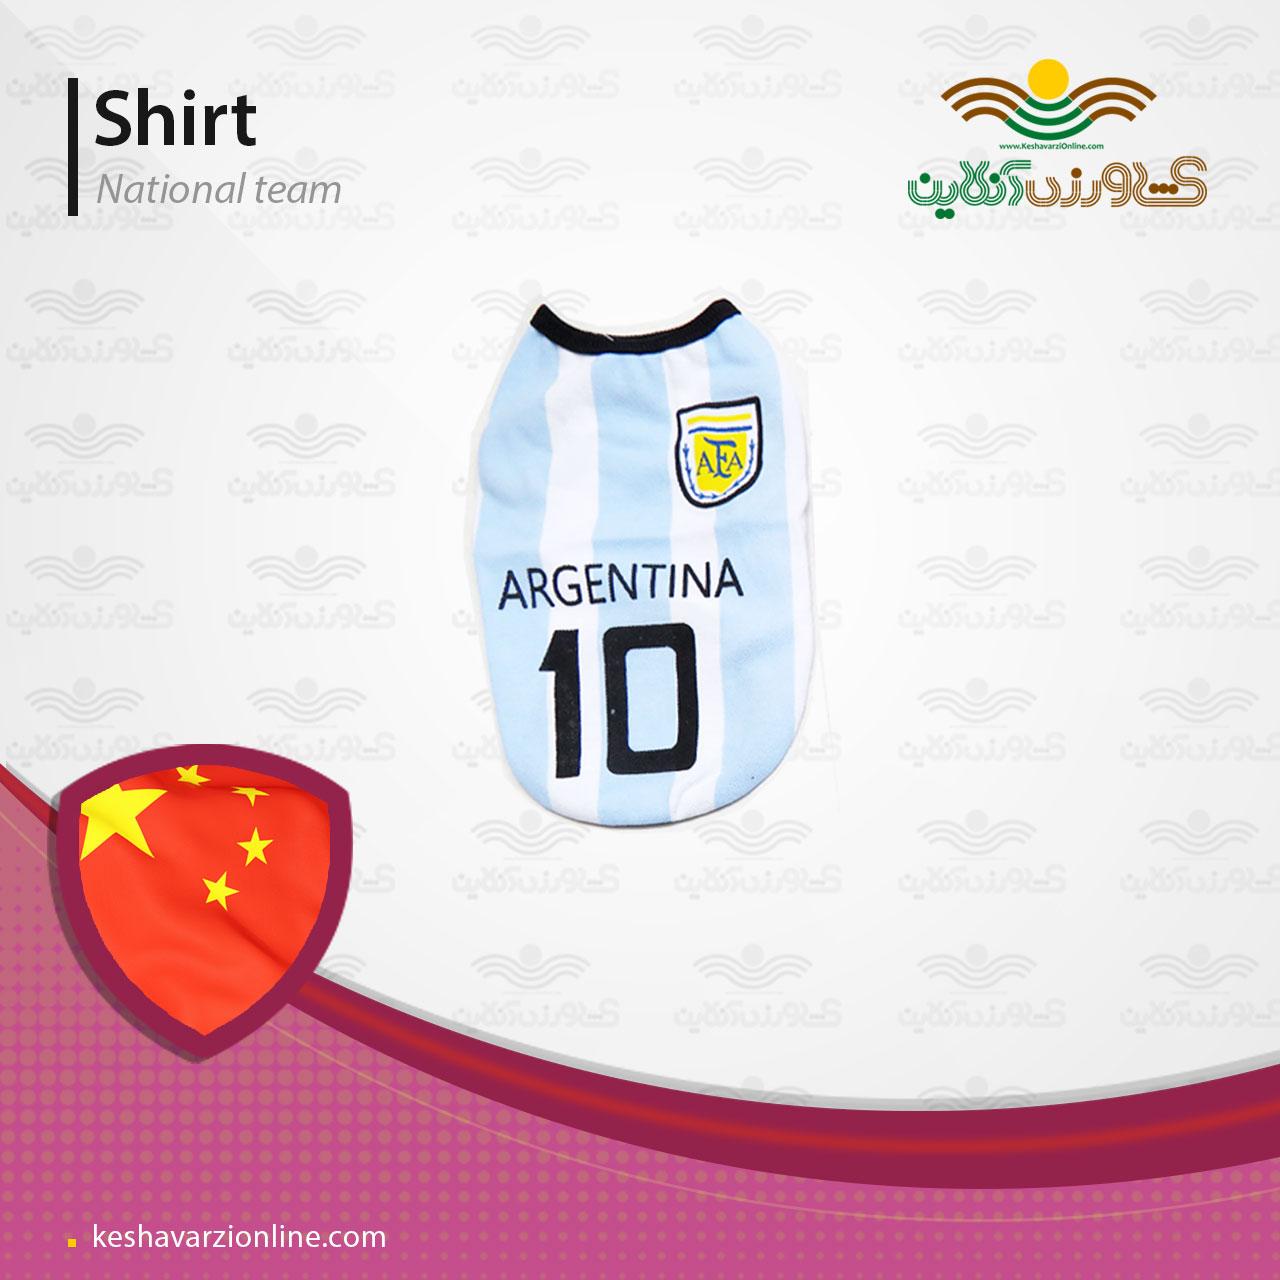 پت شاپ لباس سگ و گربه طرح تیم آرژانتین